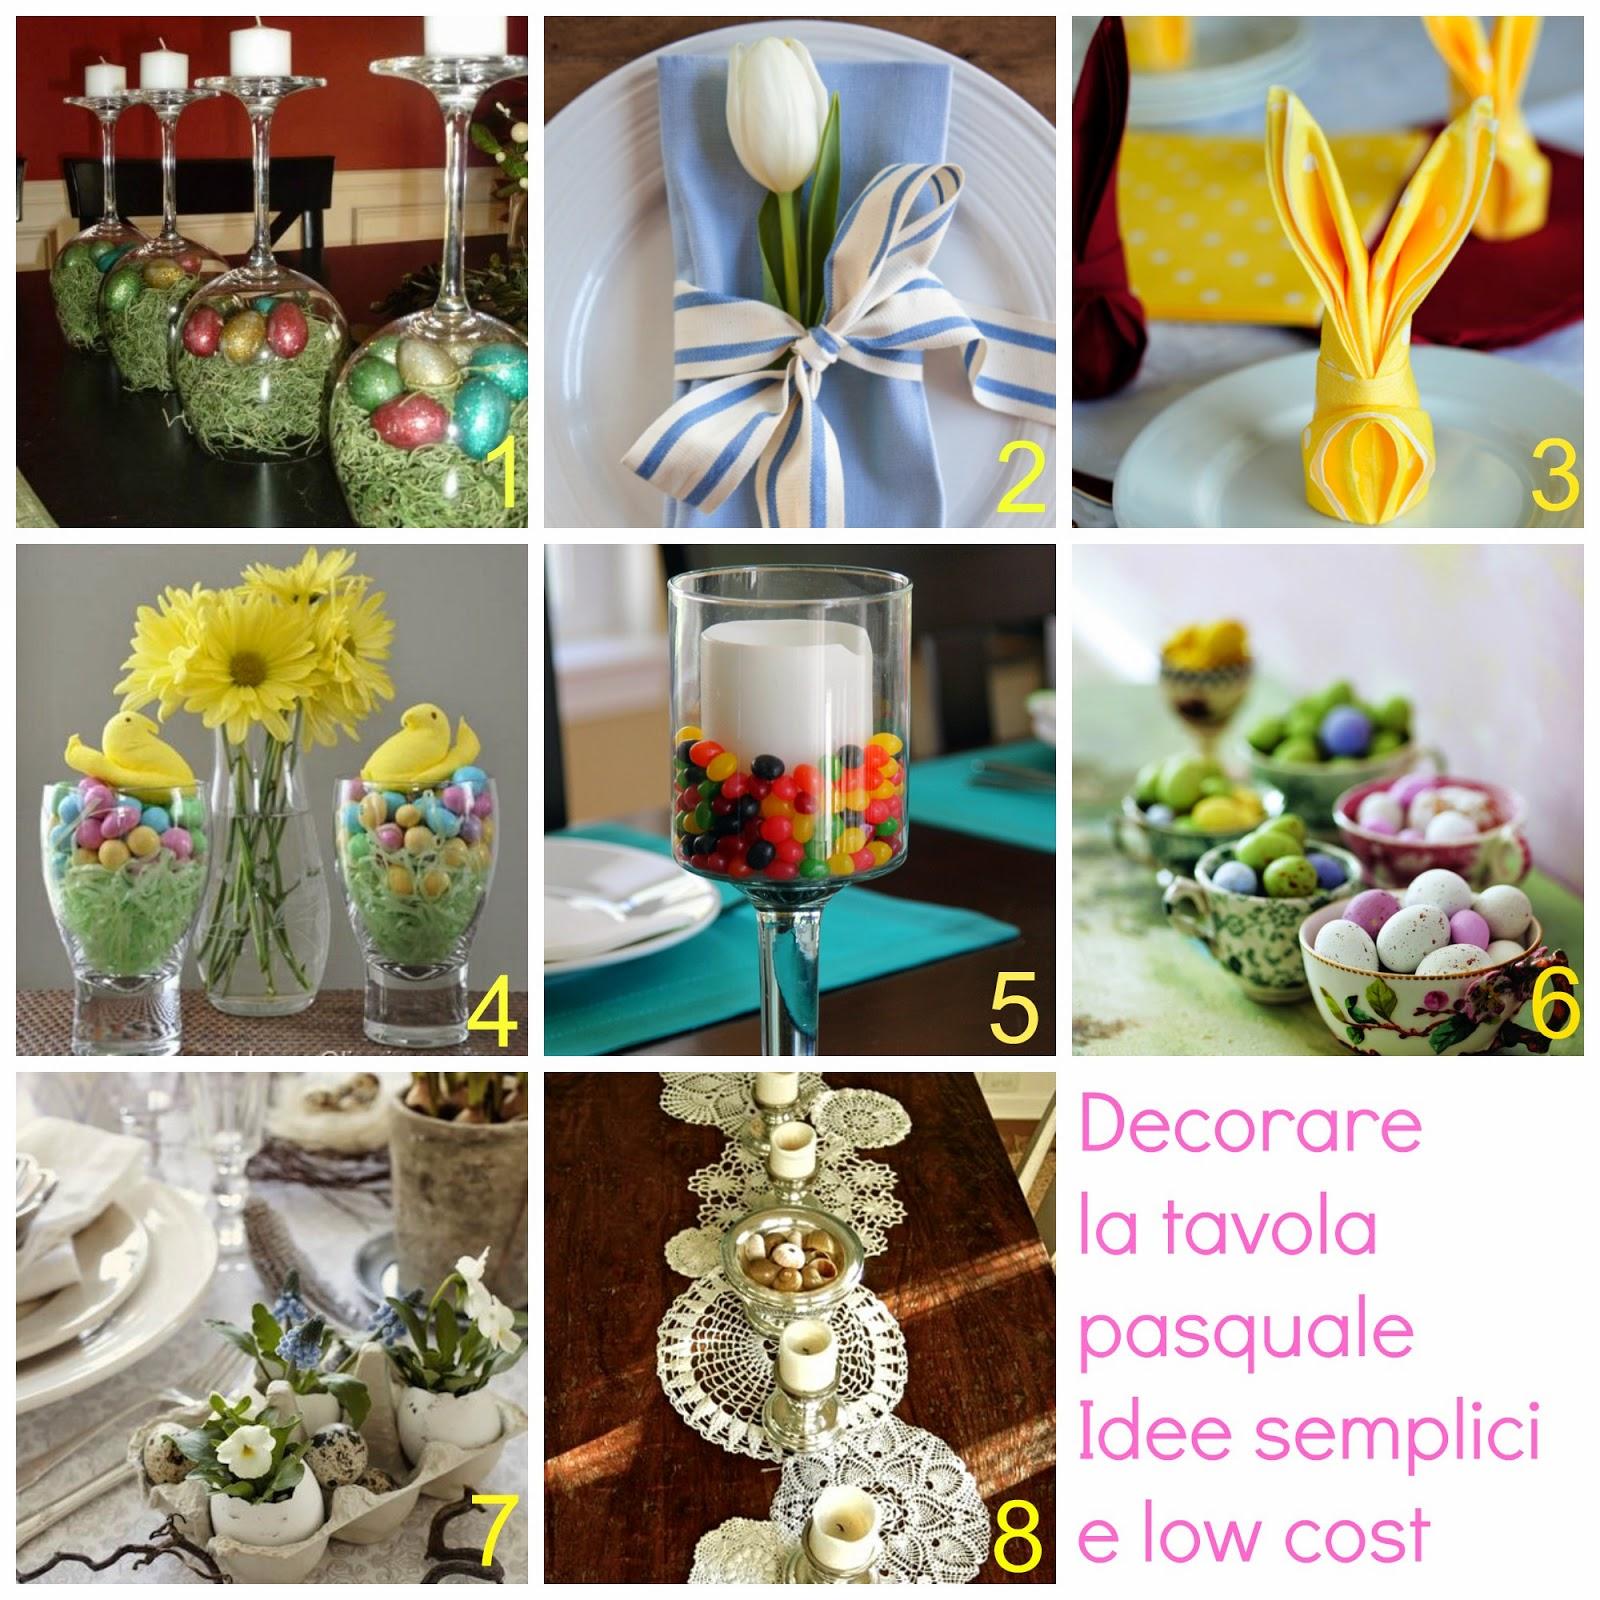 come decorare e addobbare la tavola pasquale | donneinpink magazine - Arredare Casa Per Pasqua